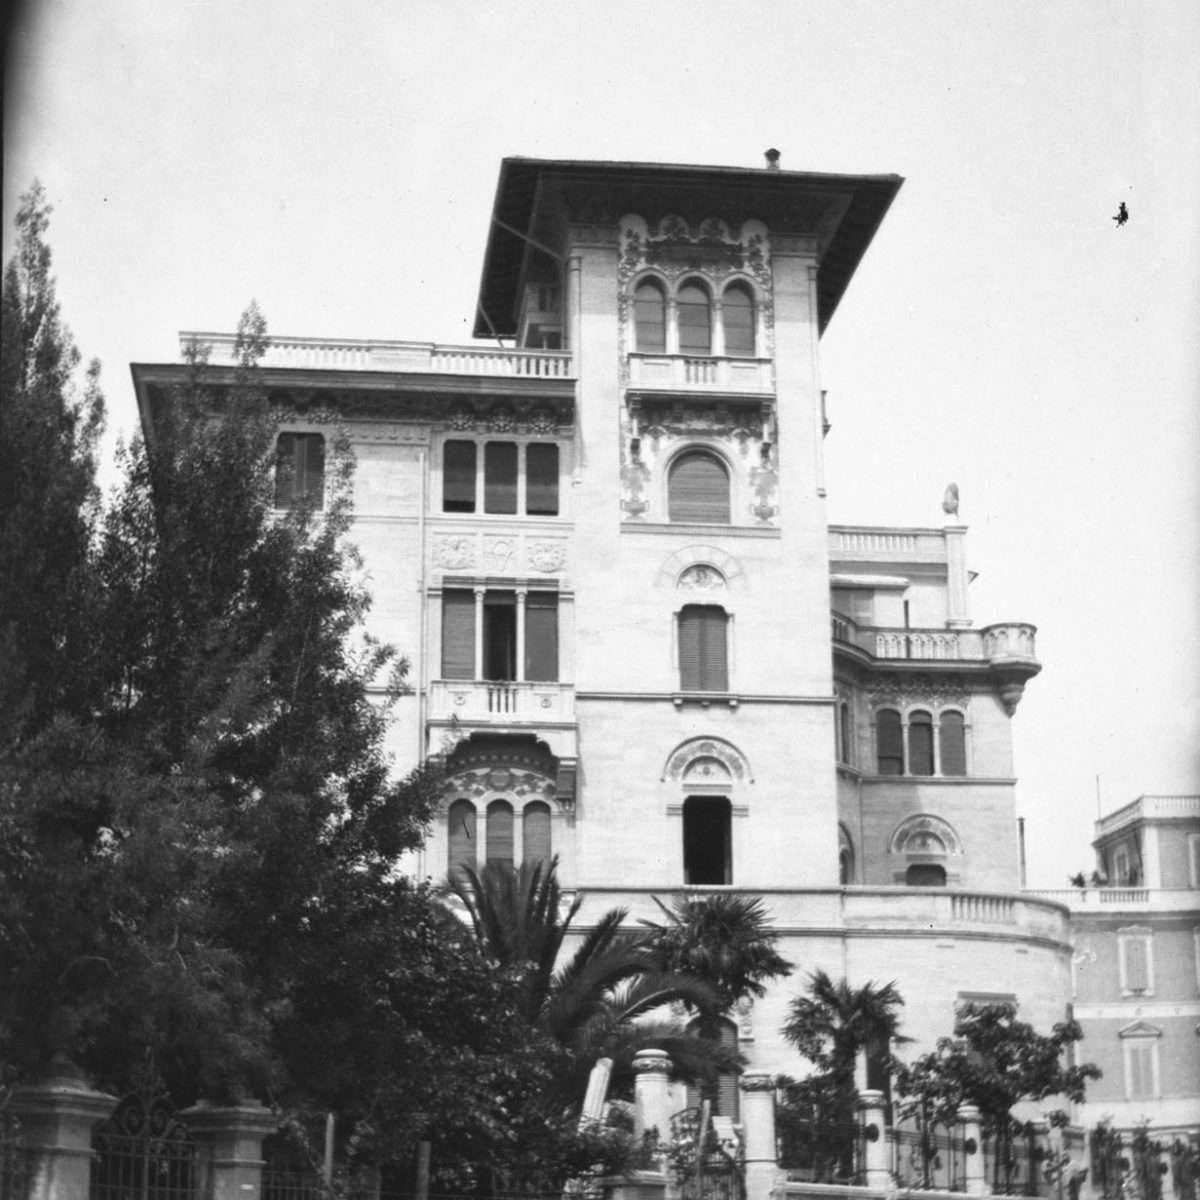 16 - Villa Cagiati, Via dei Gracchi